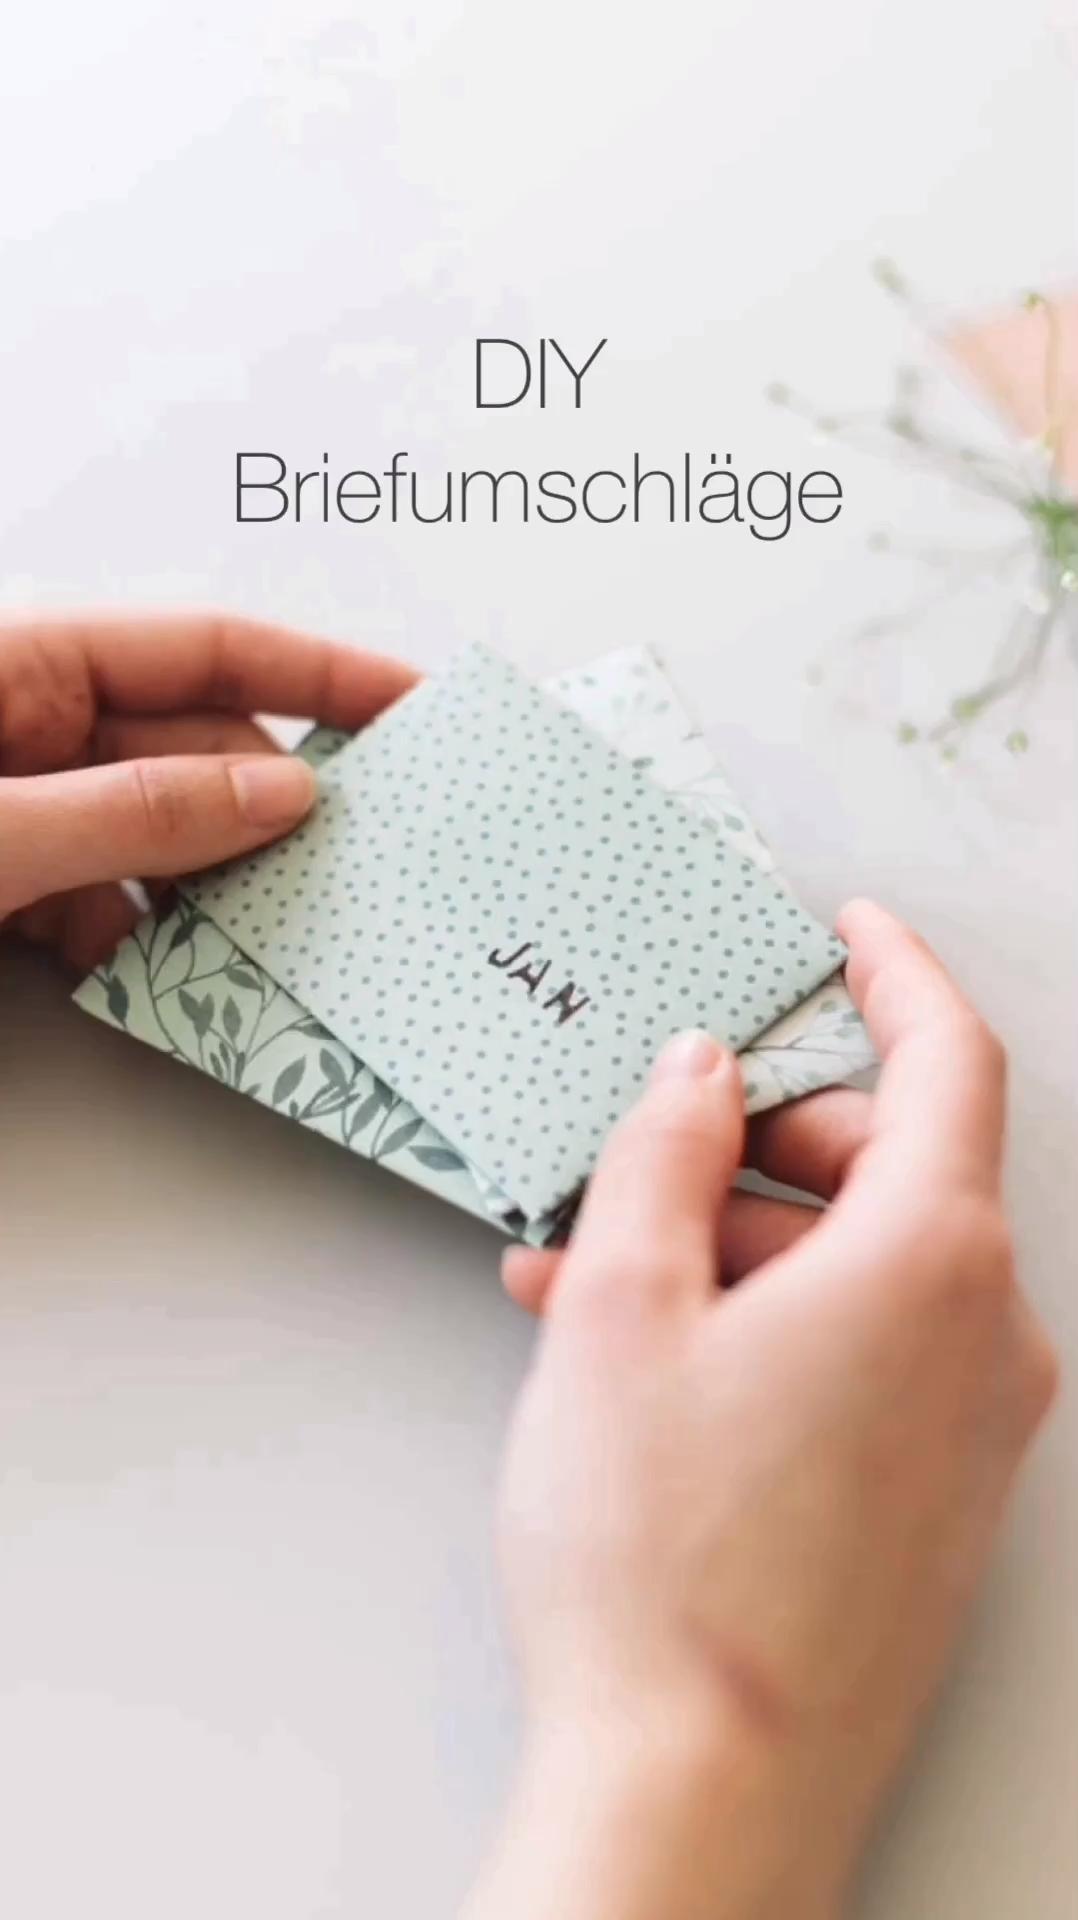 DIY Briefumschläge gefaltet - nicht geklebt #briefumschlagbasteln